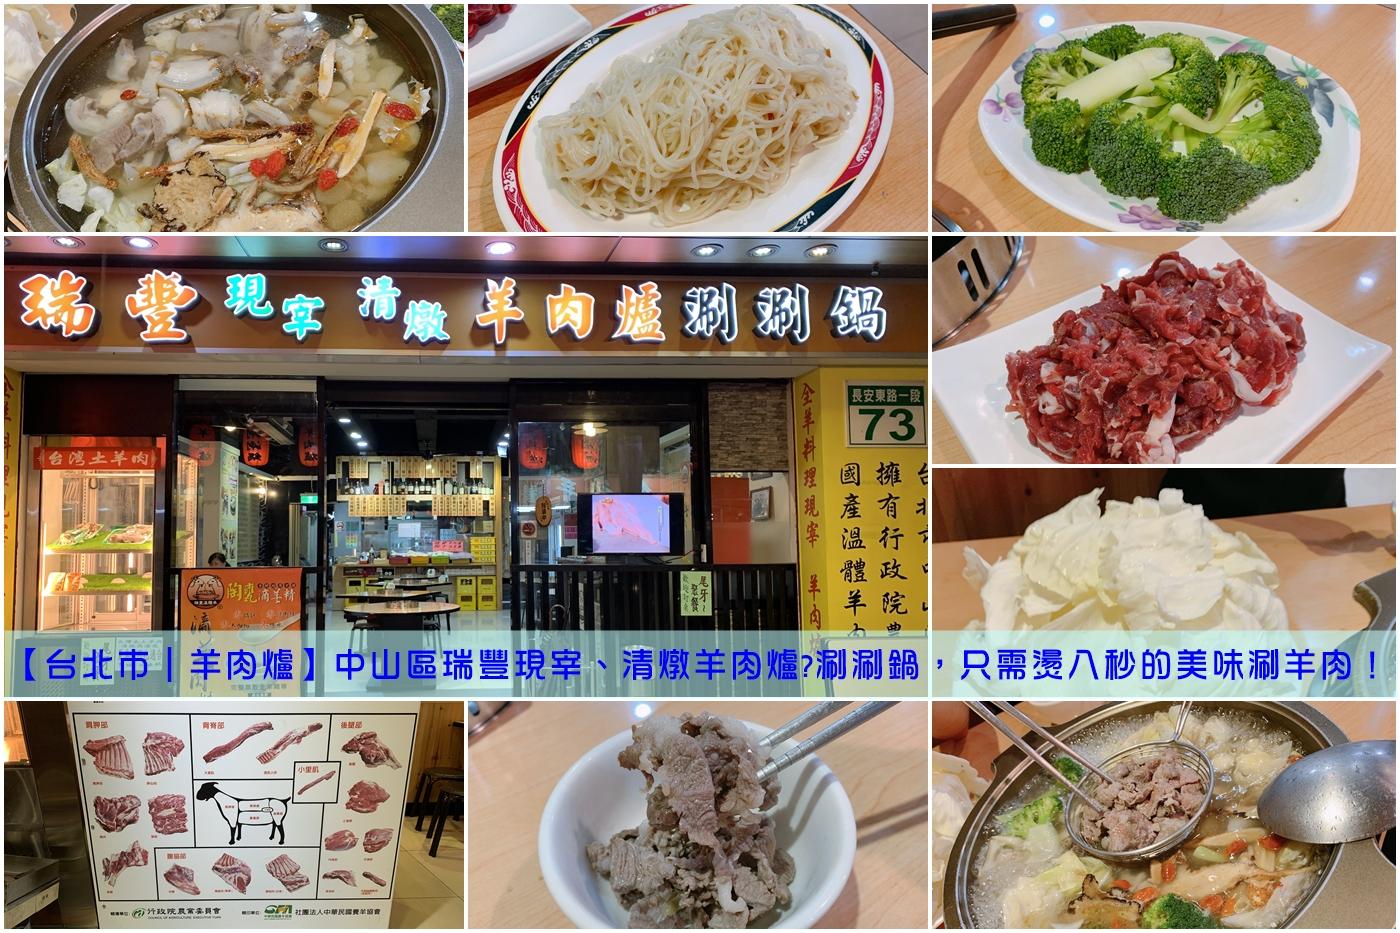 【台北市|羊肉爐】中山區瑞豐現宰、清燉羊肉爐・涮涮鍋,只需燙八秒的美味涮羊肉!